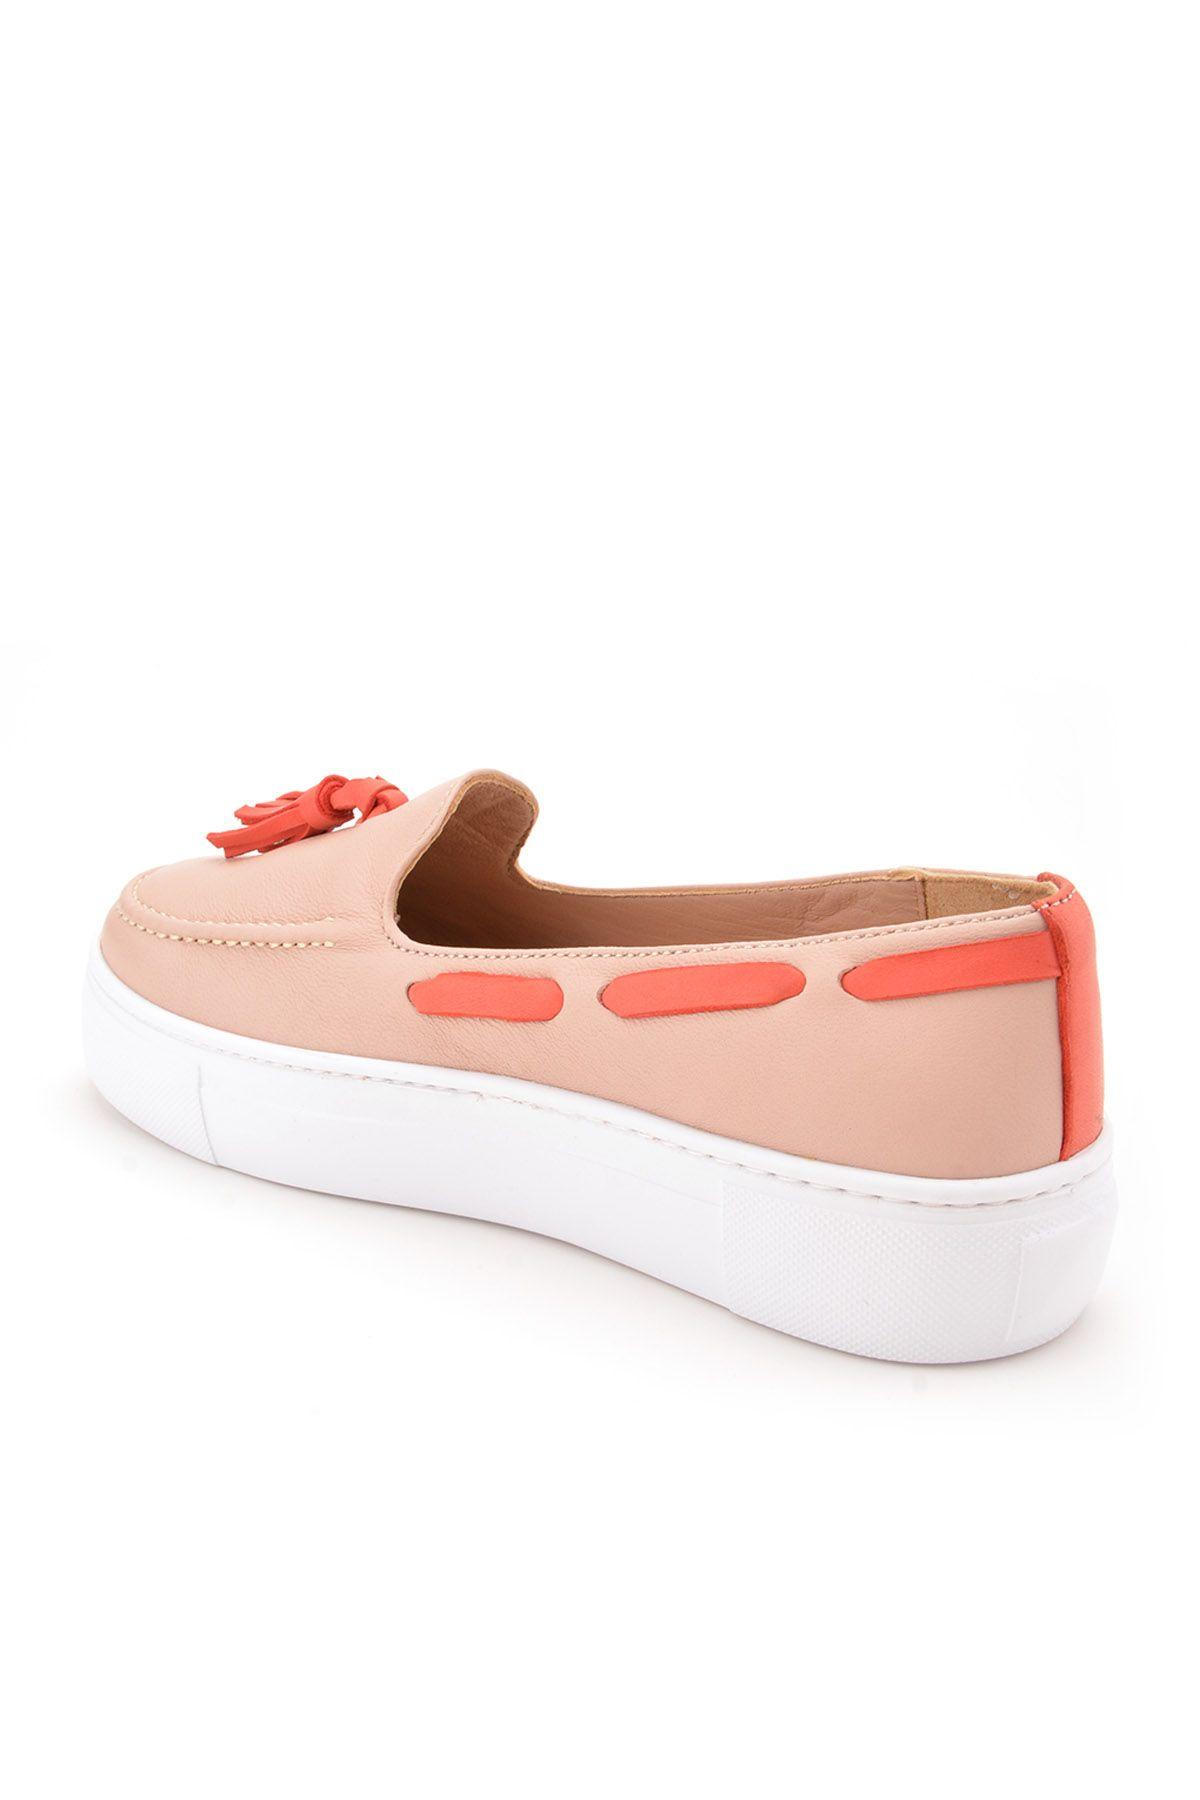 Pegia Pernety Hakiki Deri Bayan Günlük Ayakkabı REC-010 Krem